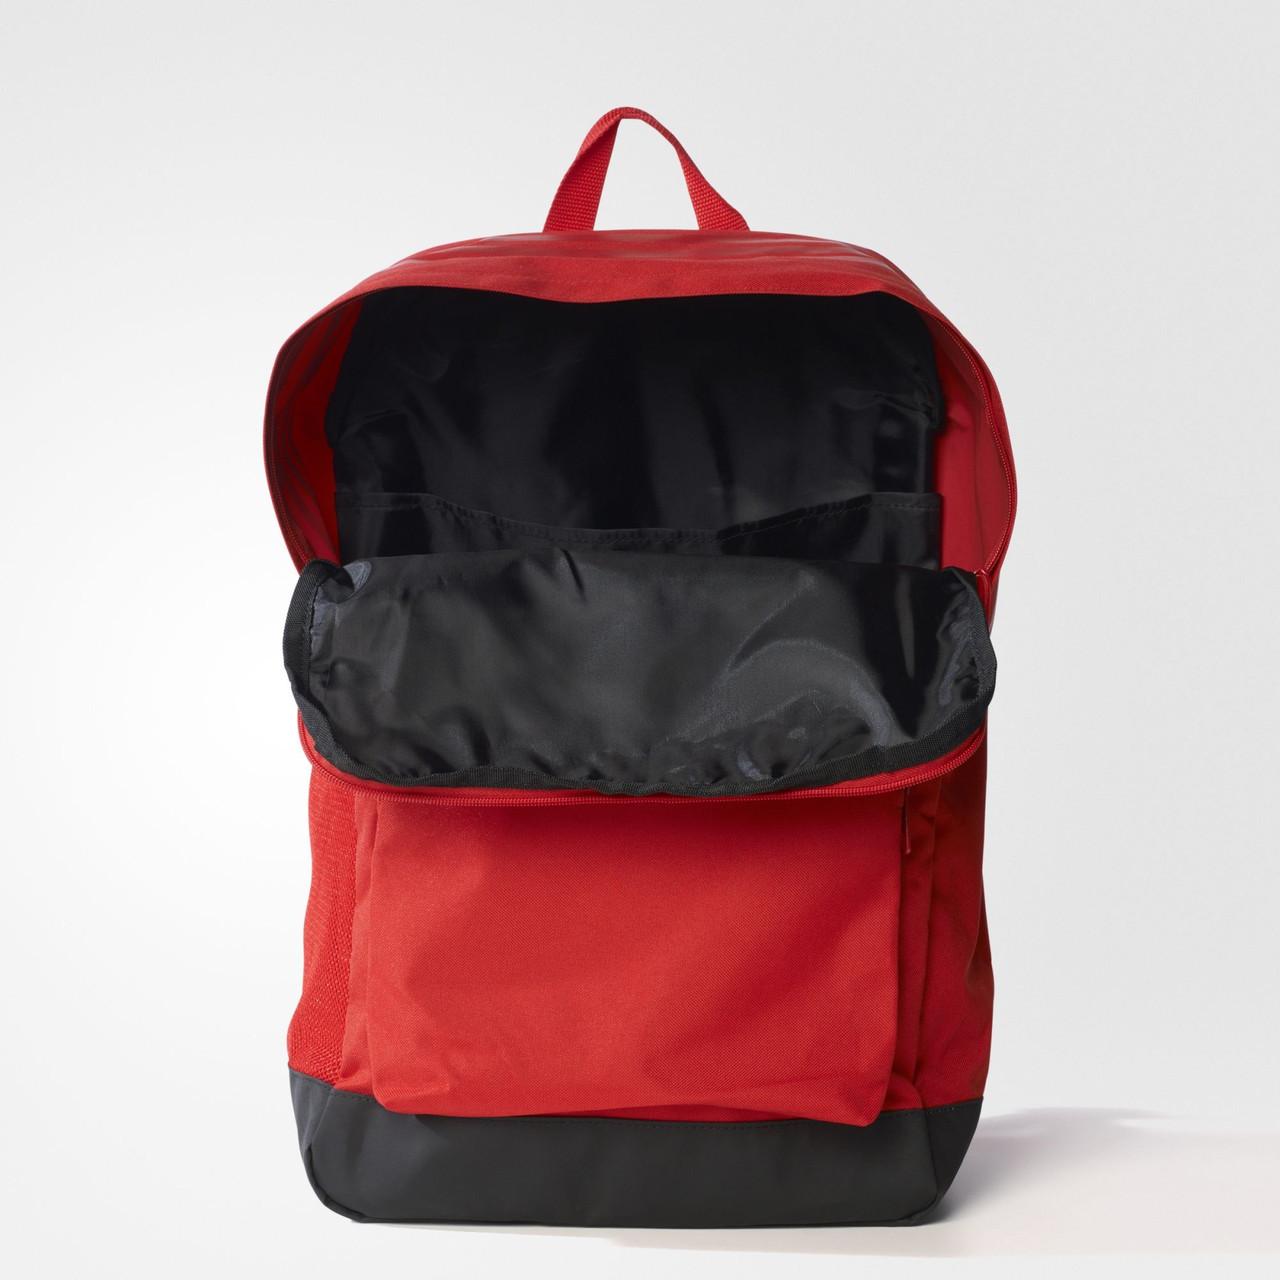 Все рюкзаки адидас цены как подарить подарок в рыбном месте с рюкзака любой предмет